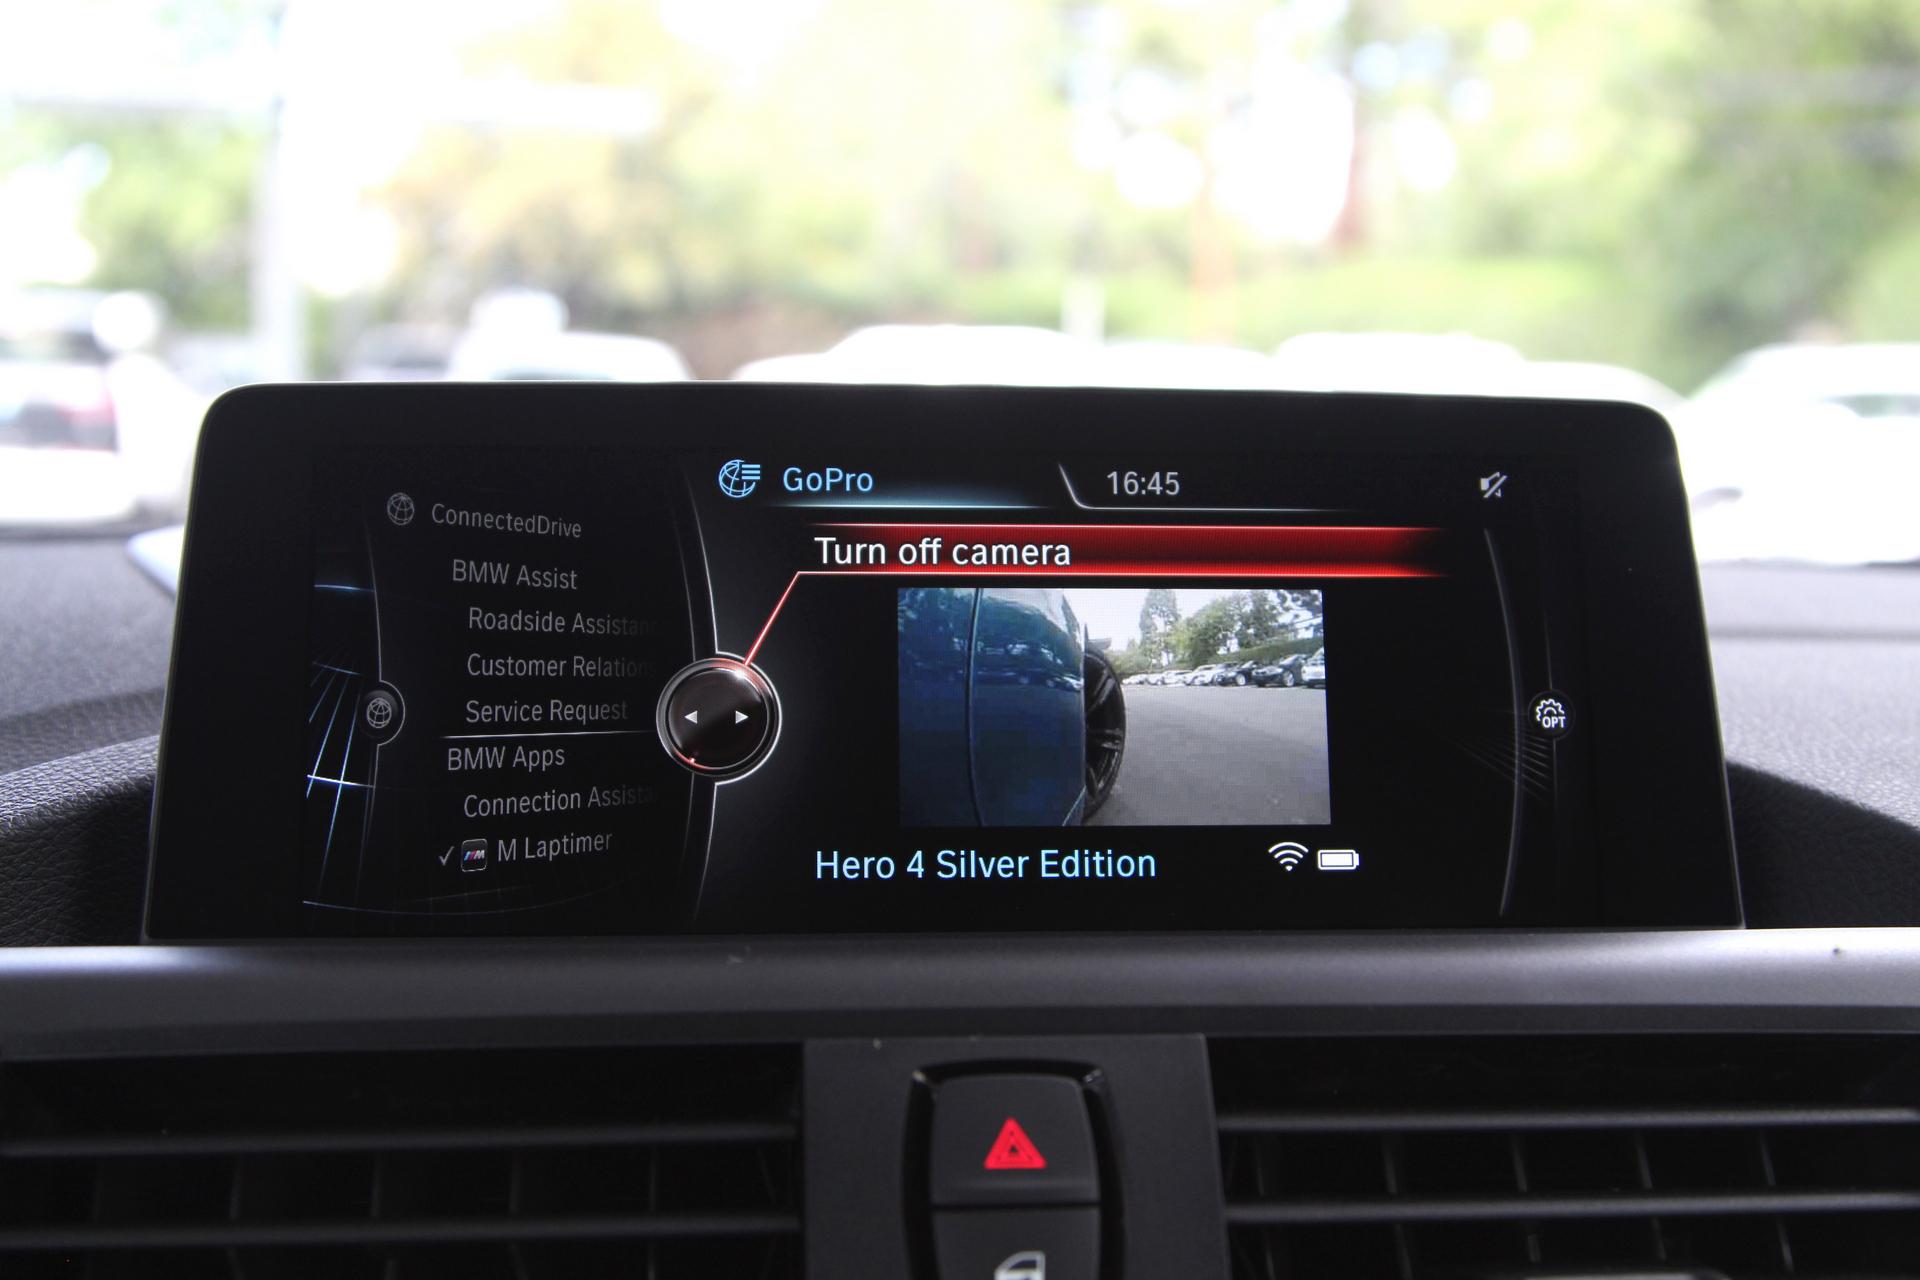 2016 BMW M Laptimer GoPro Integration © BMW AG